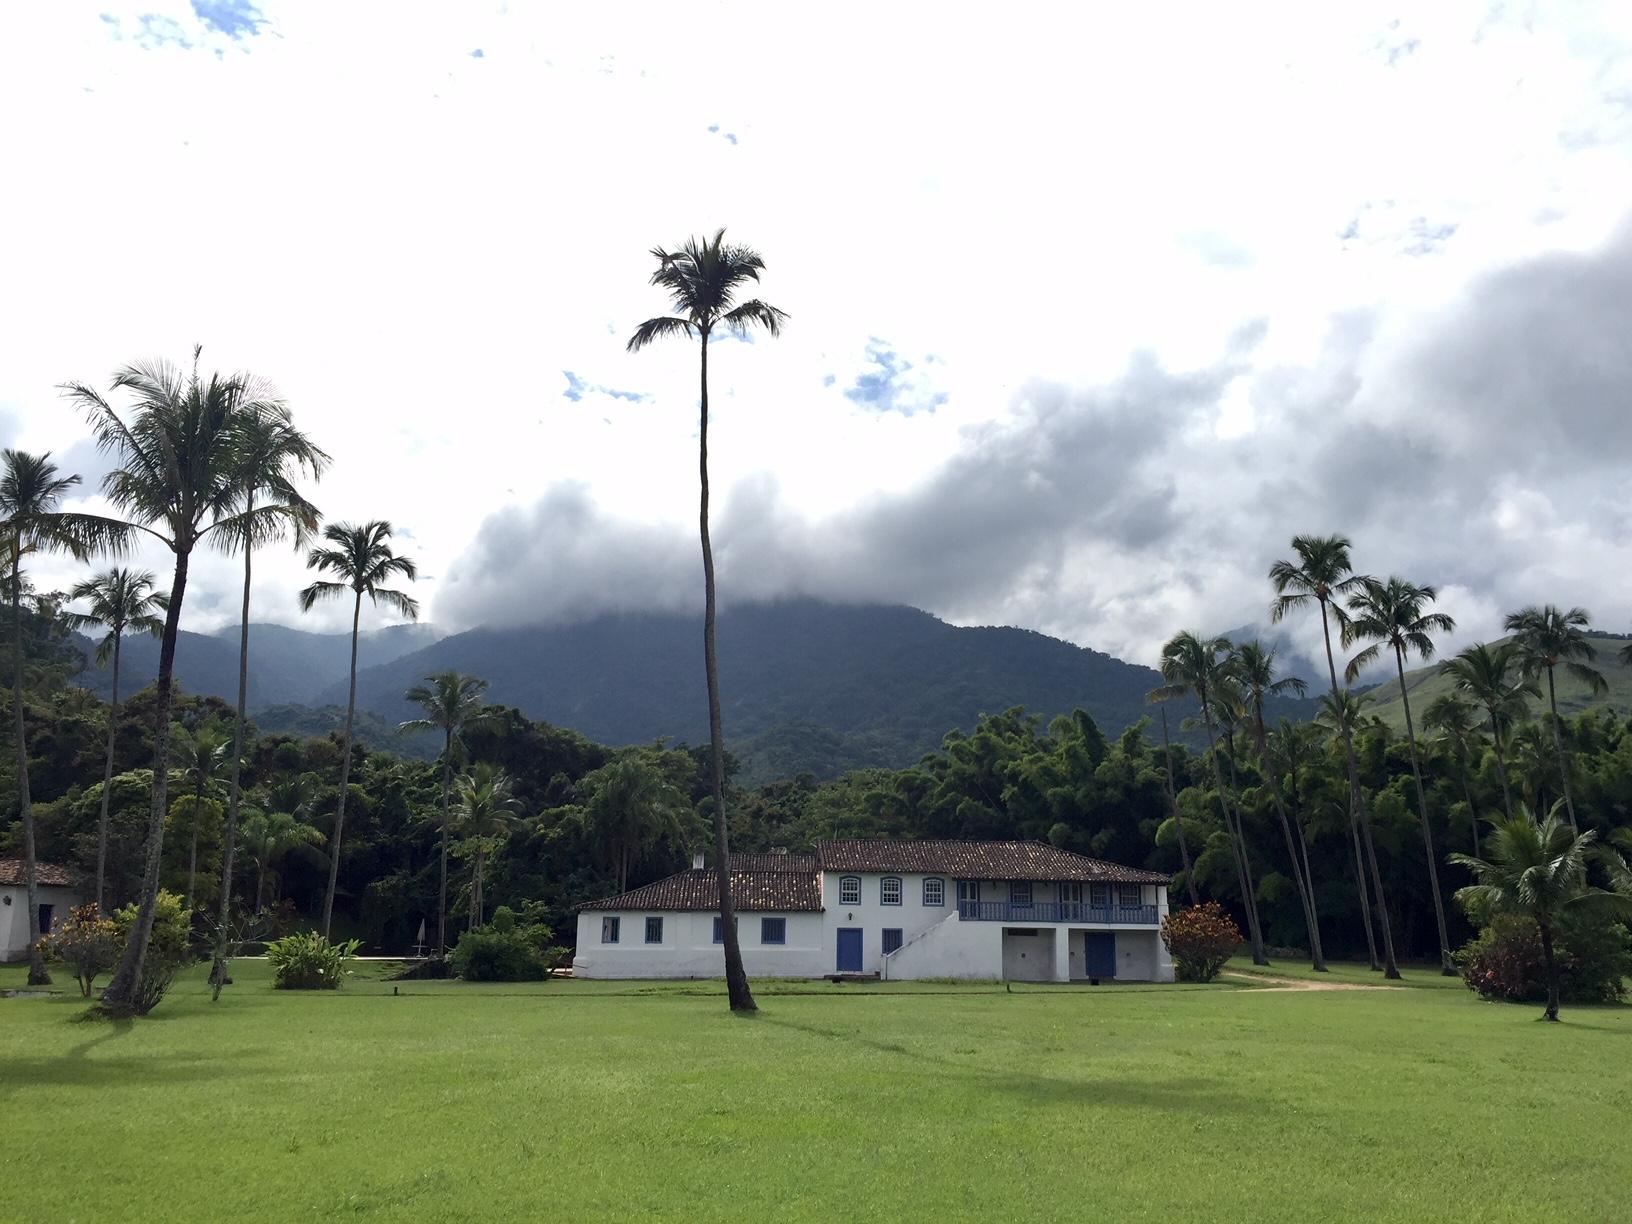 Qué ver en Ilhabela: Casa colonial en Ilhabela